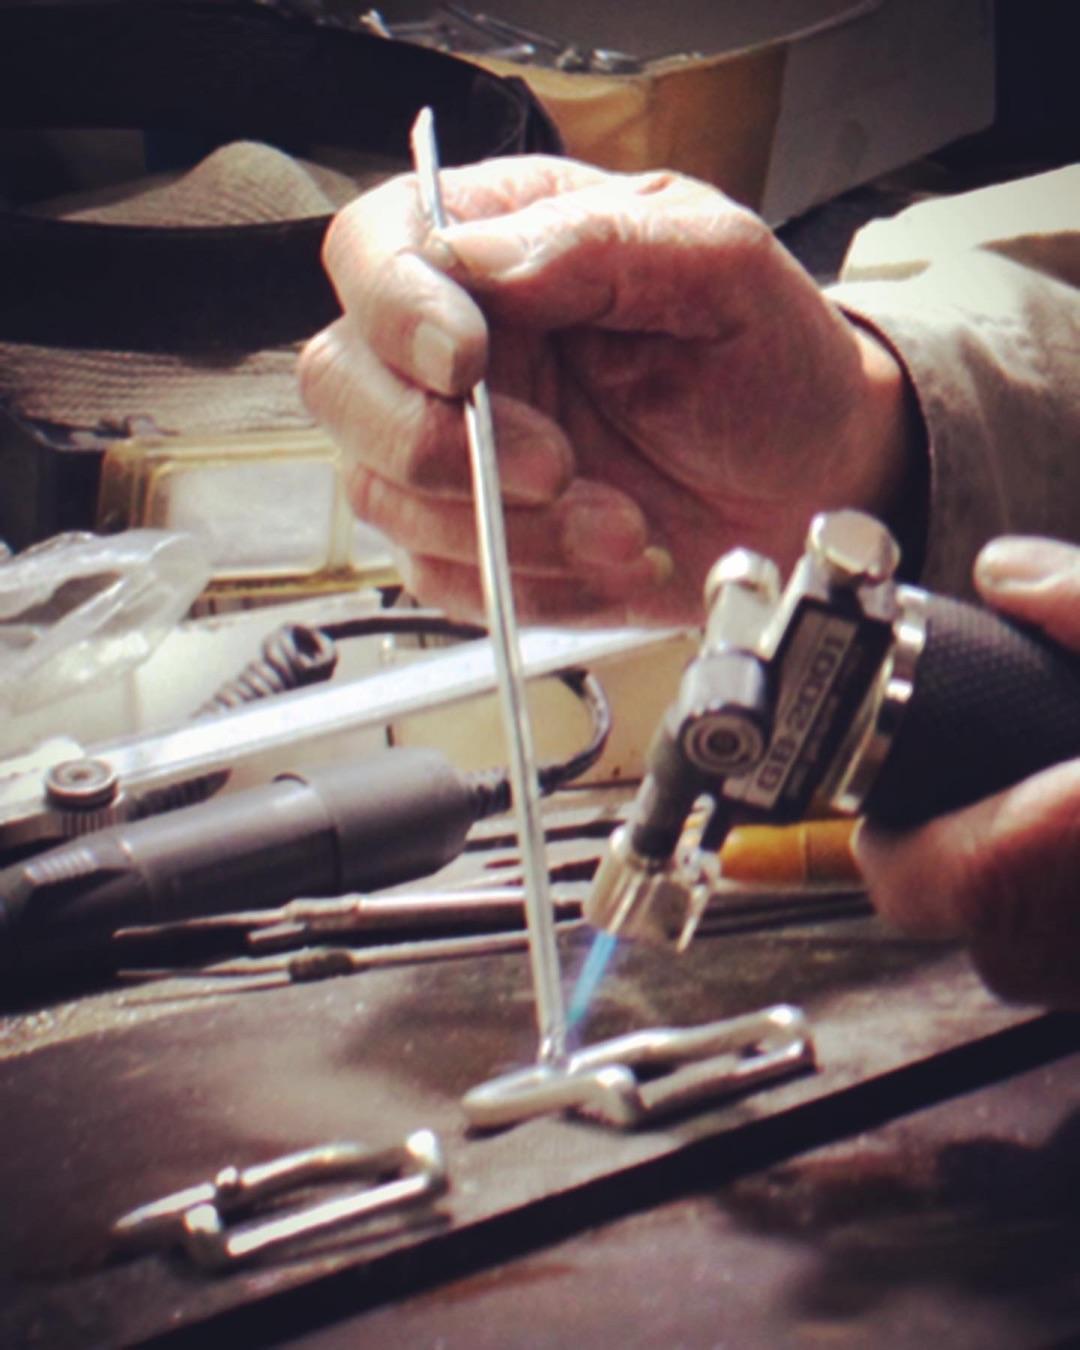 """""""鋳物""""とは、溶かした金属を型に流し込んで作る金属の立体物のこと。アクセサリーやベルトなどに使う金属の部品から、動植物・人形・乗り物・建物・アルファベットなど、いろんなモノをかたどった金具を作り出す事ができます。      溶けた金属が冷めて固まると、多種多様な形が型から生まれてきます。    この技を支える名人は、鋳物の型の源となる原型=立体造形=も、鋳物の修復も、細やかな技術で何でもこなすことができます。"""